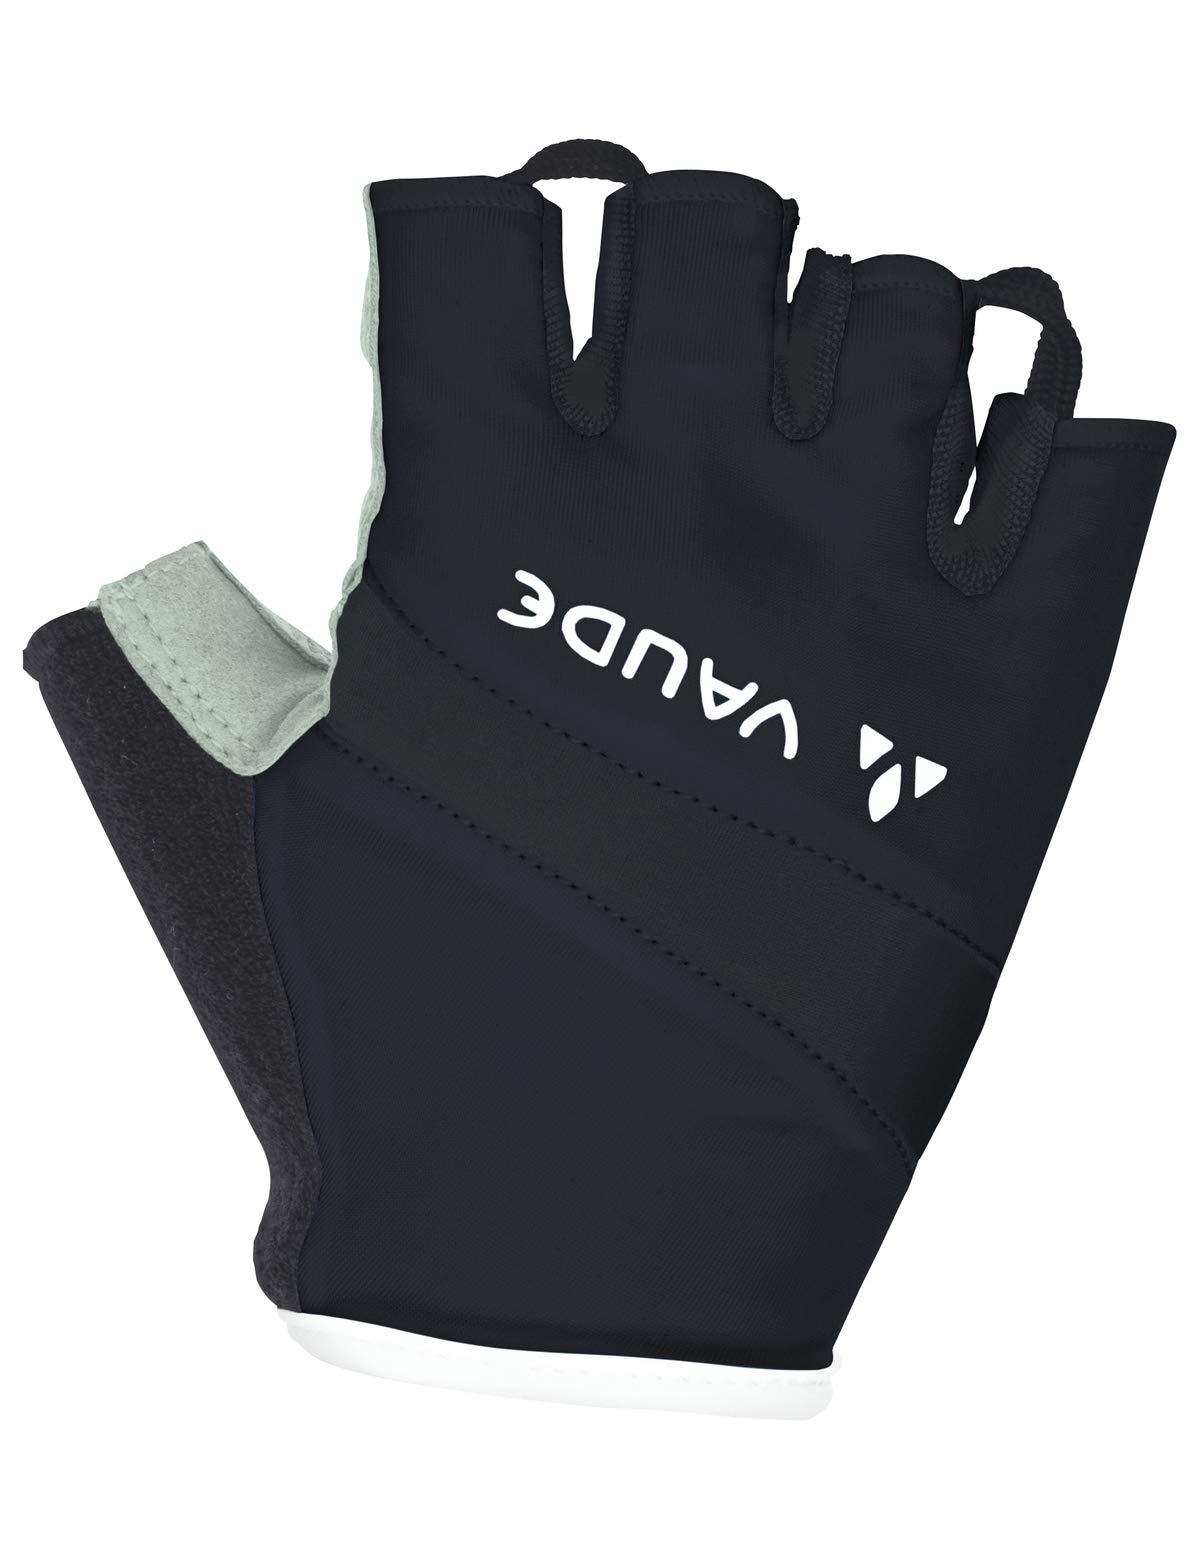 VAUDE Damen Handschuhe Active Gloves, Black, 5, 04411